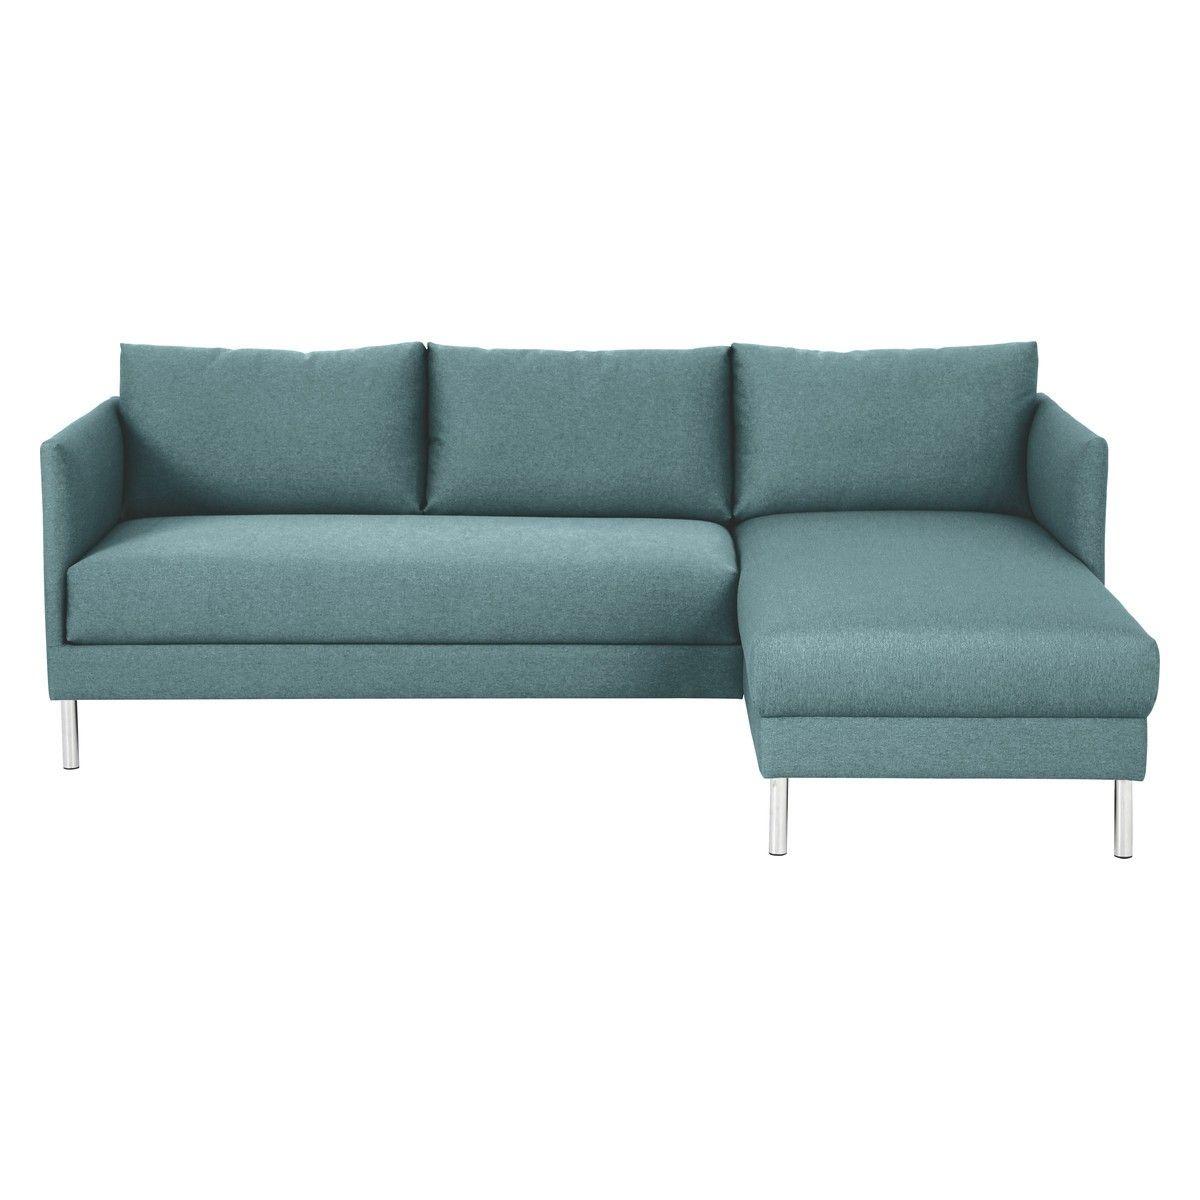 Hyde Teal Blue Fabric Right Arm Chaise Sofa Metal Legs Chaise Sofa Corner Sofa Sofa